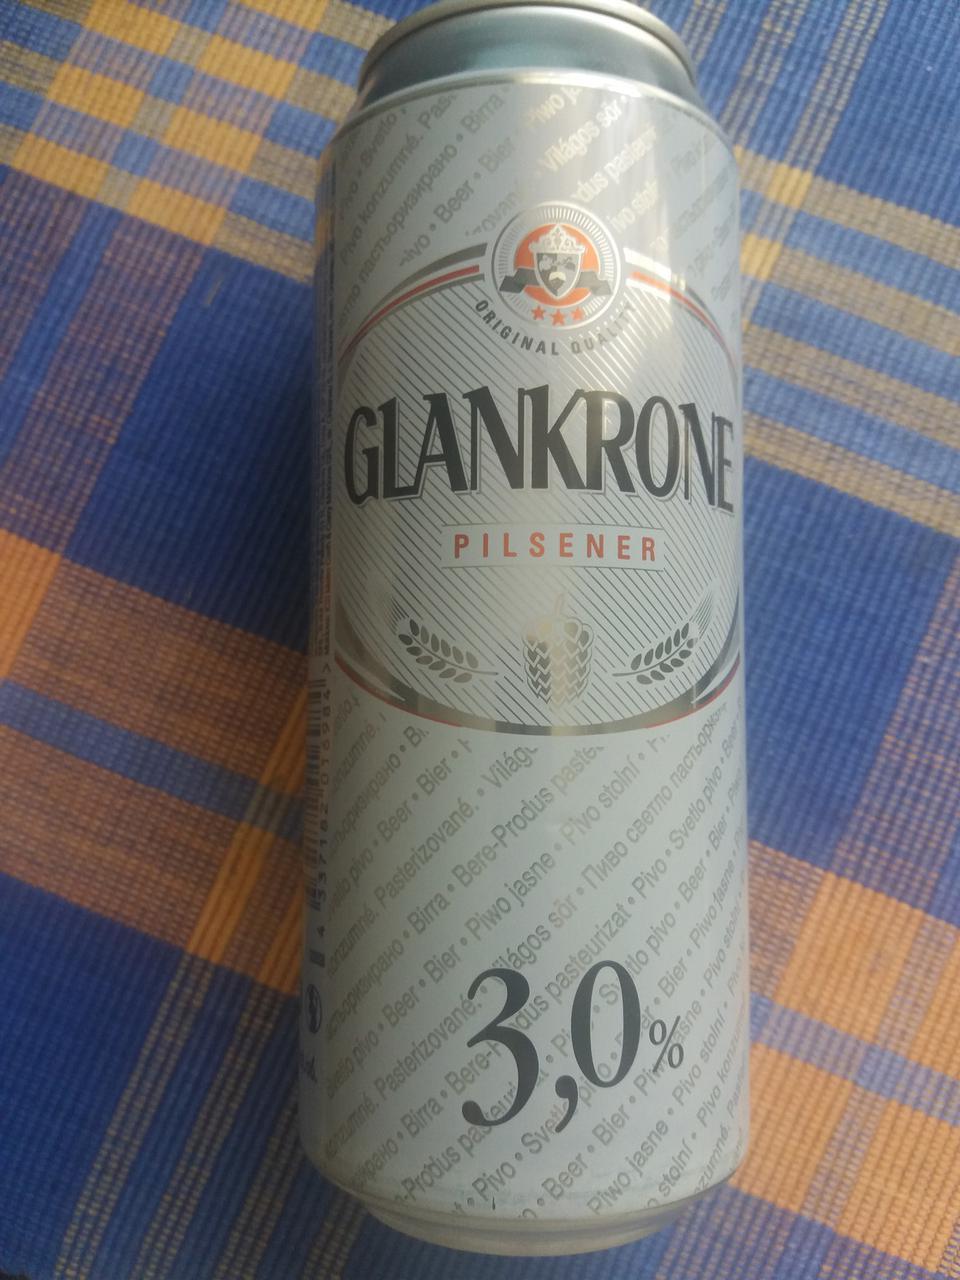 Пиво Pilsner Glankrone 3% (0.5 l ) - Оригинал